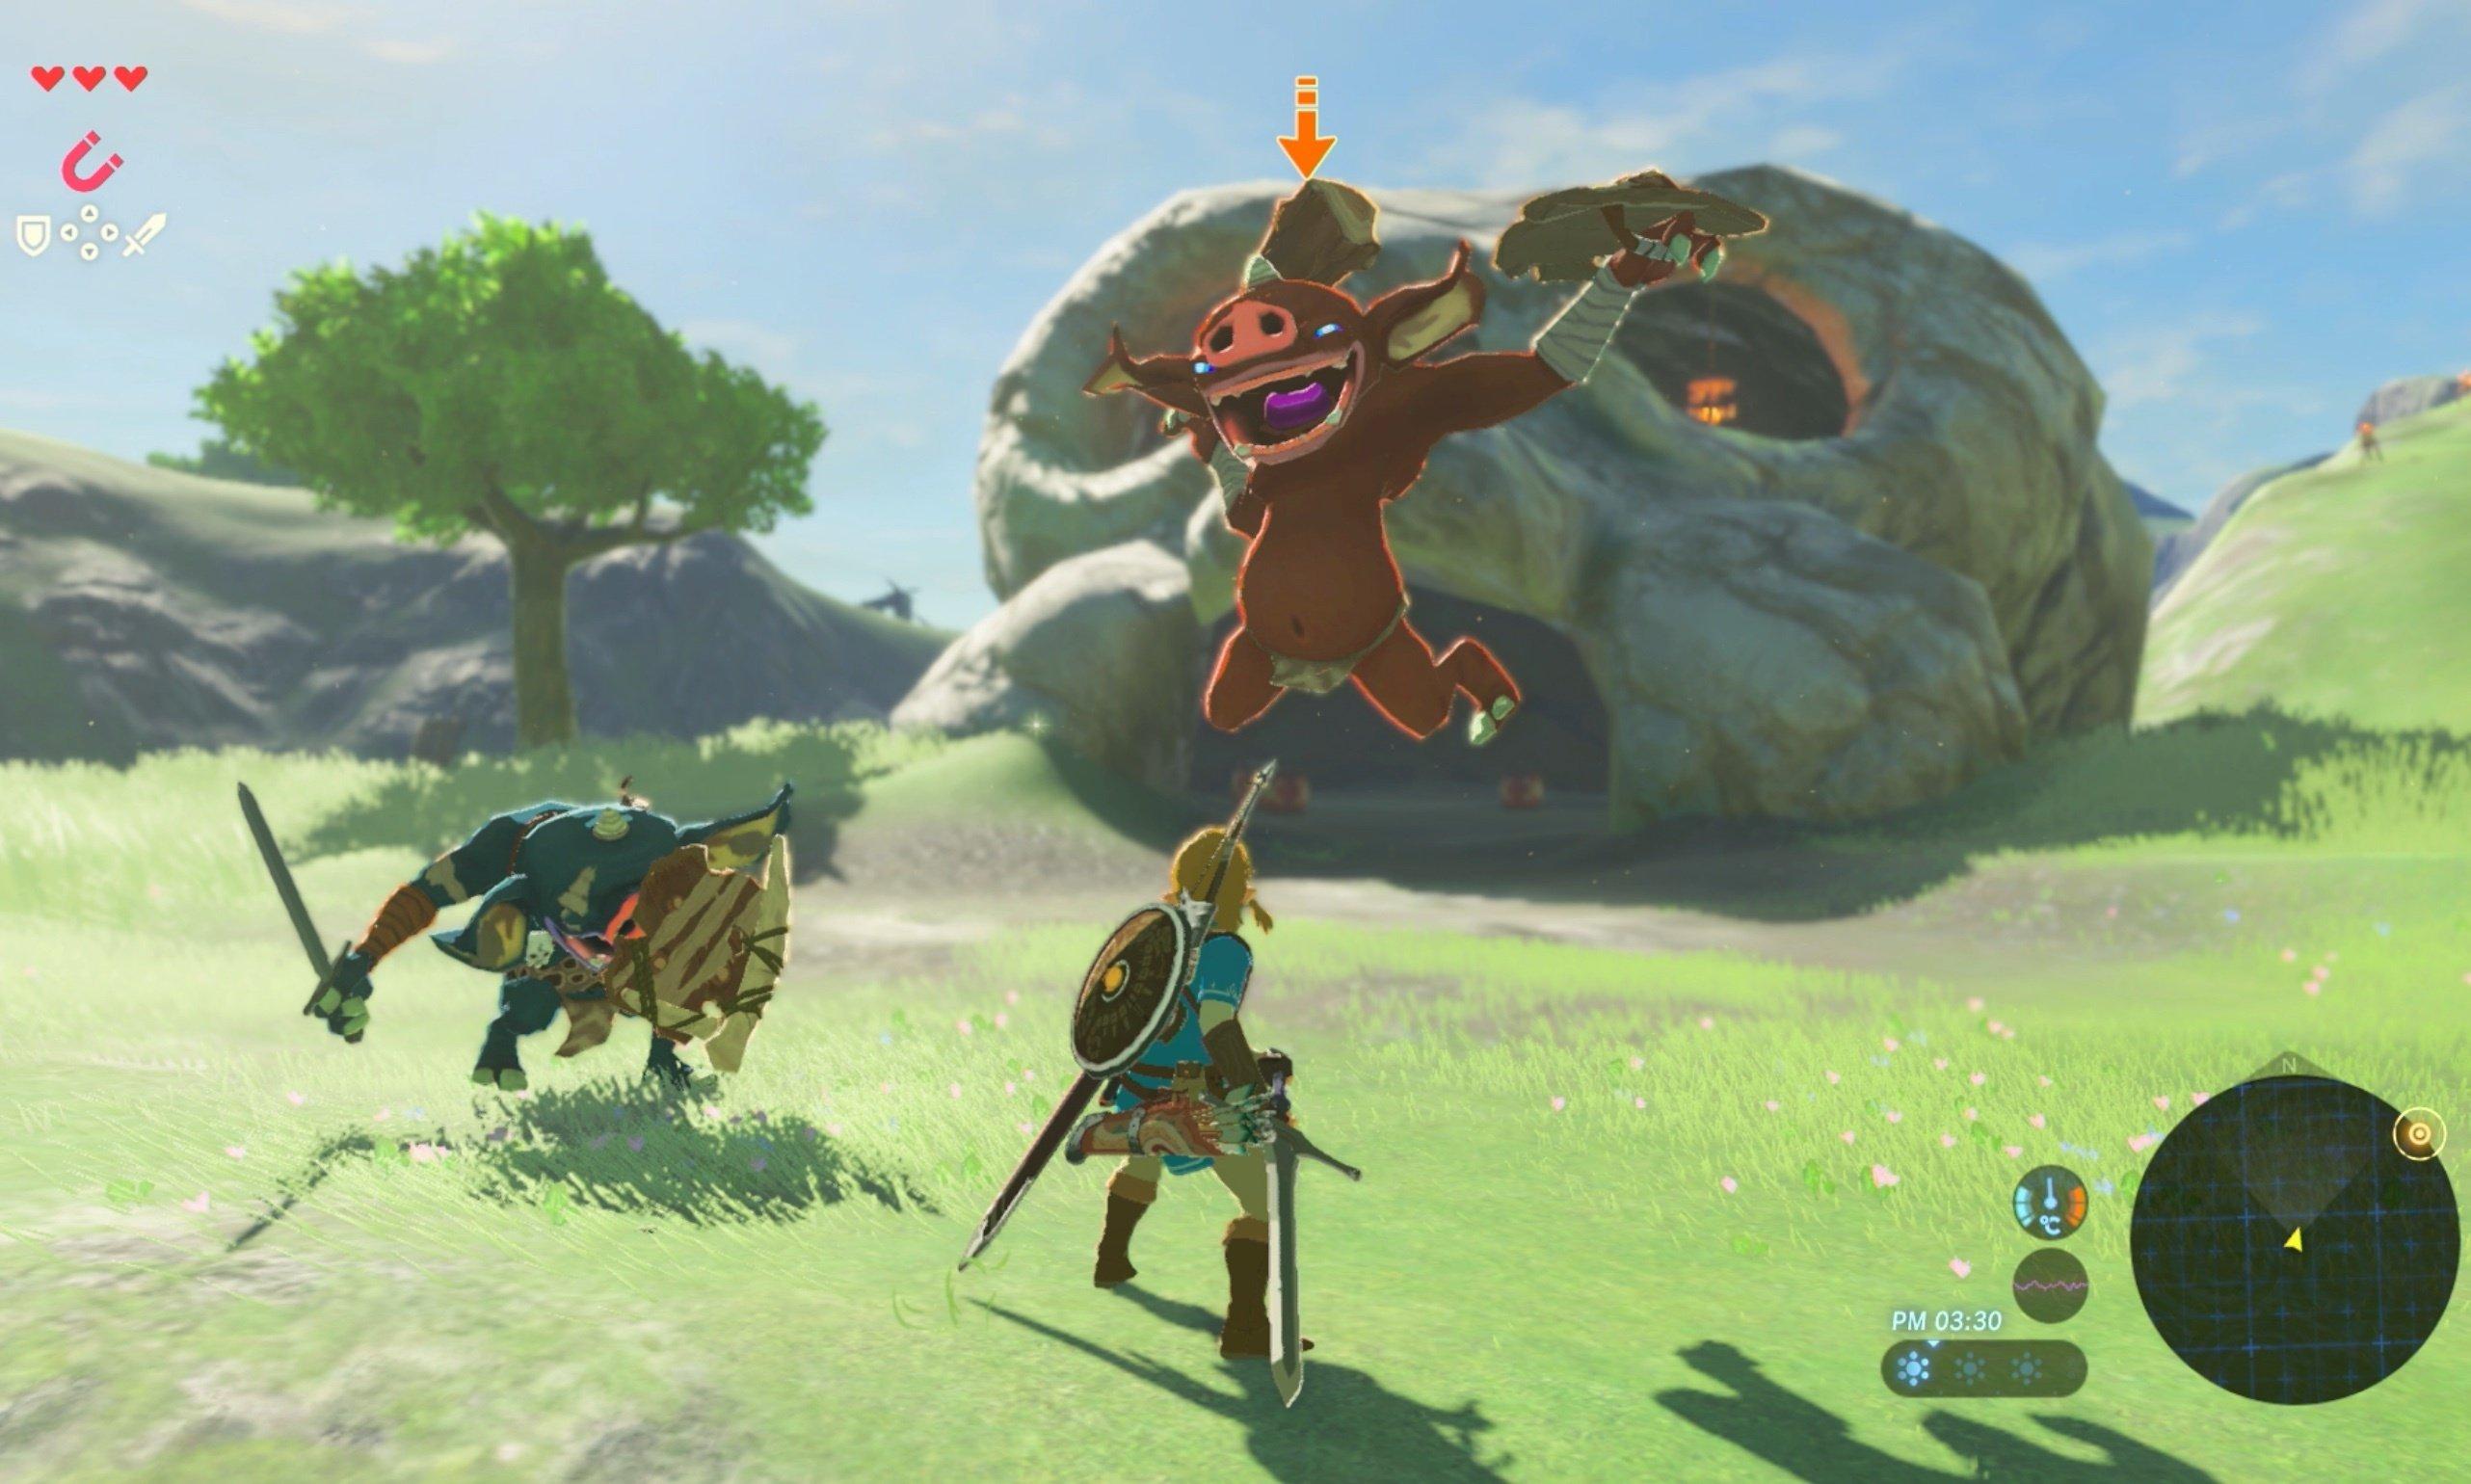 Legend of Zelda. (Credit: Nintendo)